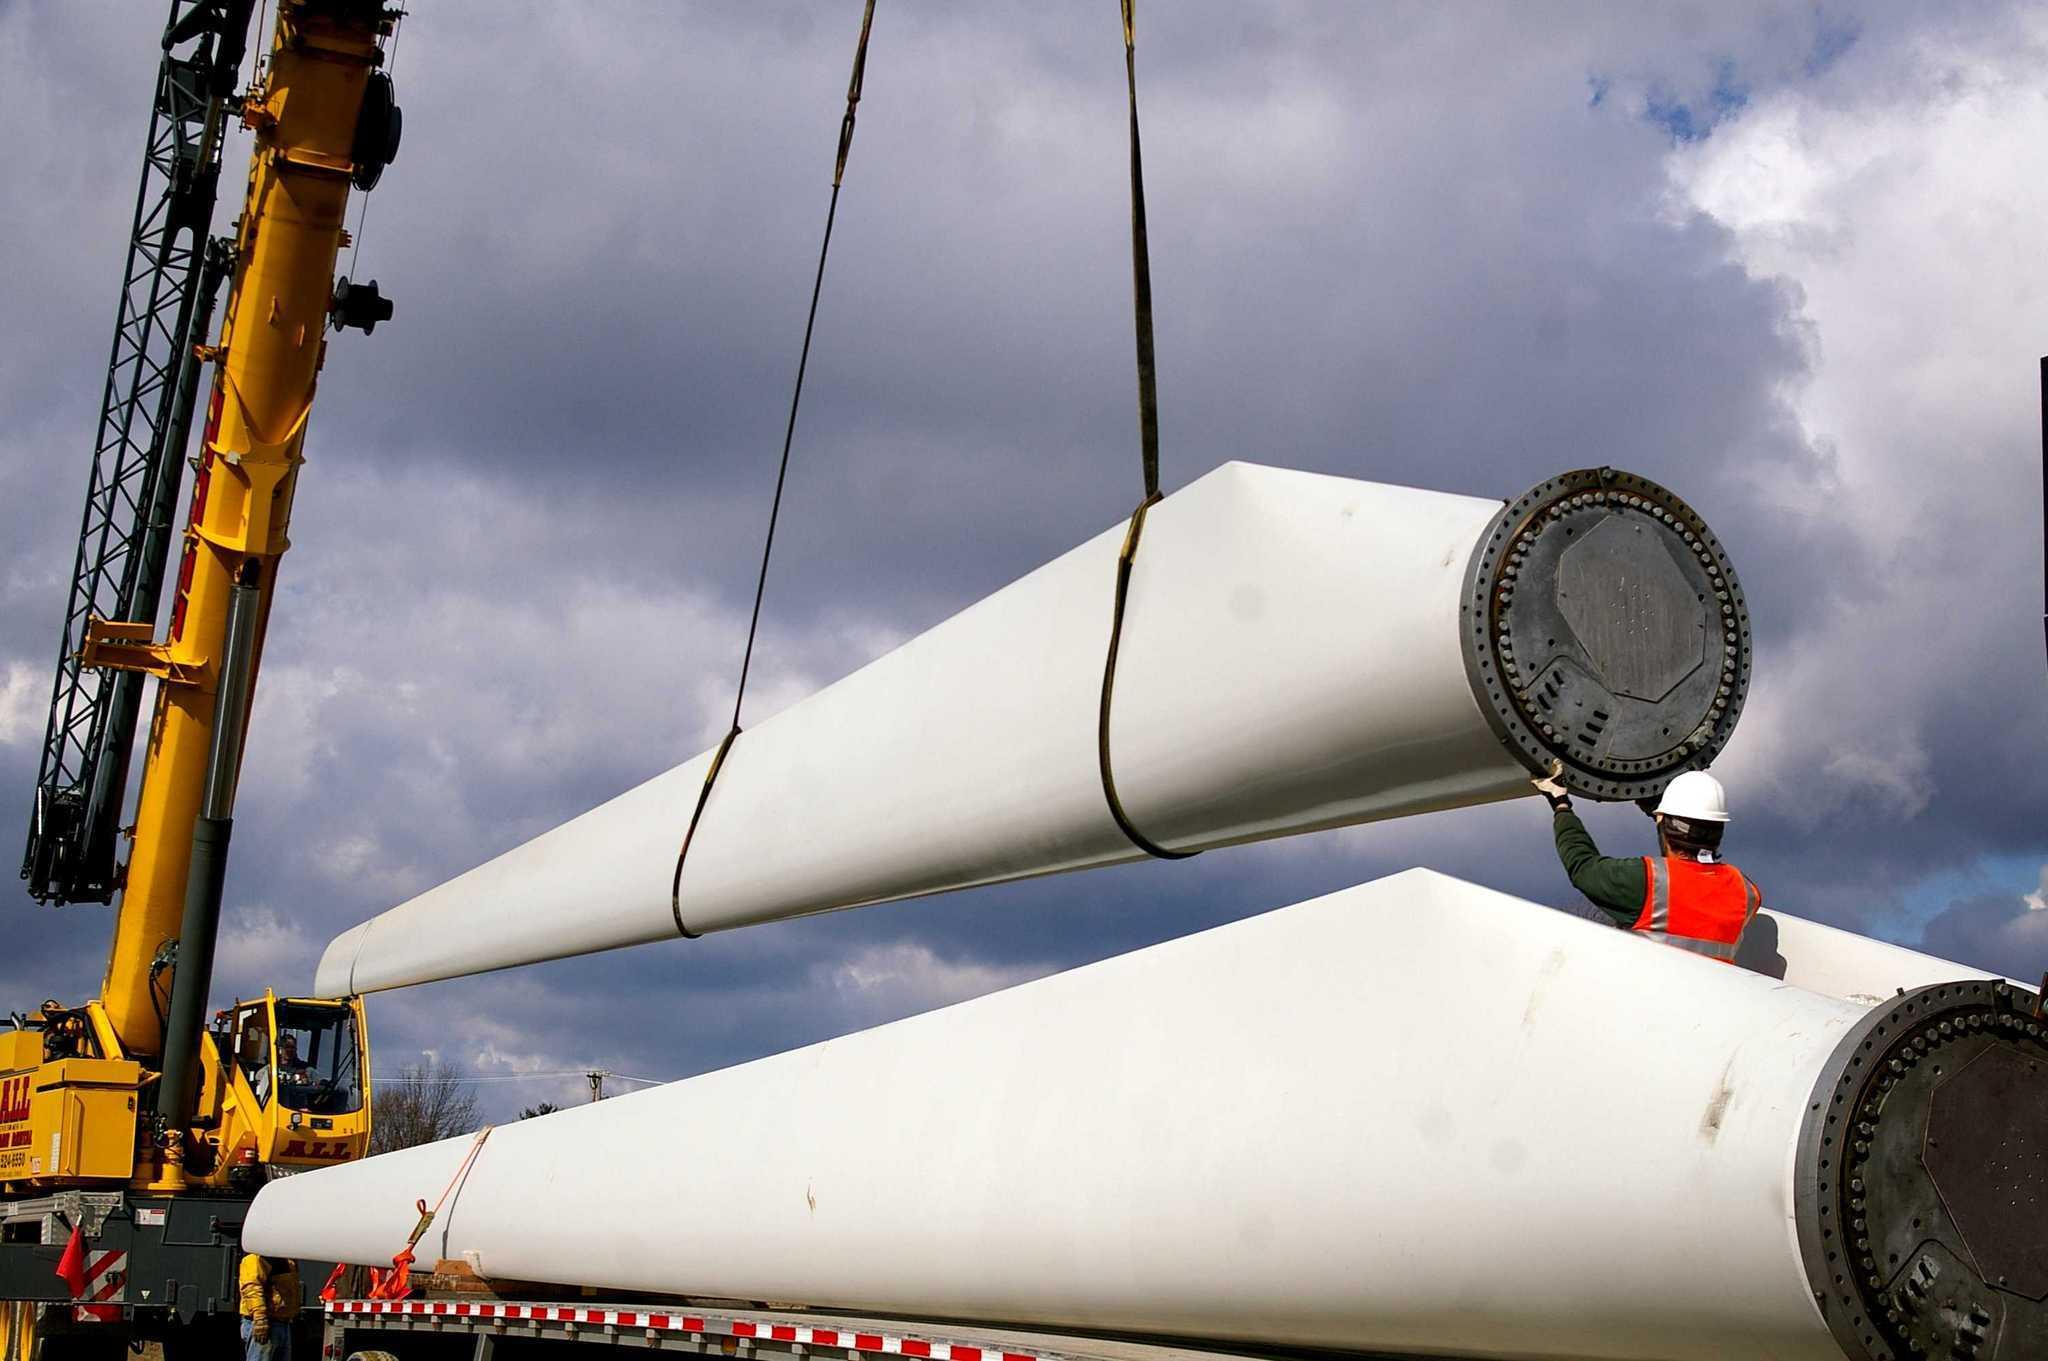 Eólica: proyectos eólicos con 500 aerogeneradores en Uruguay